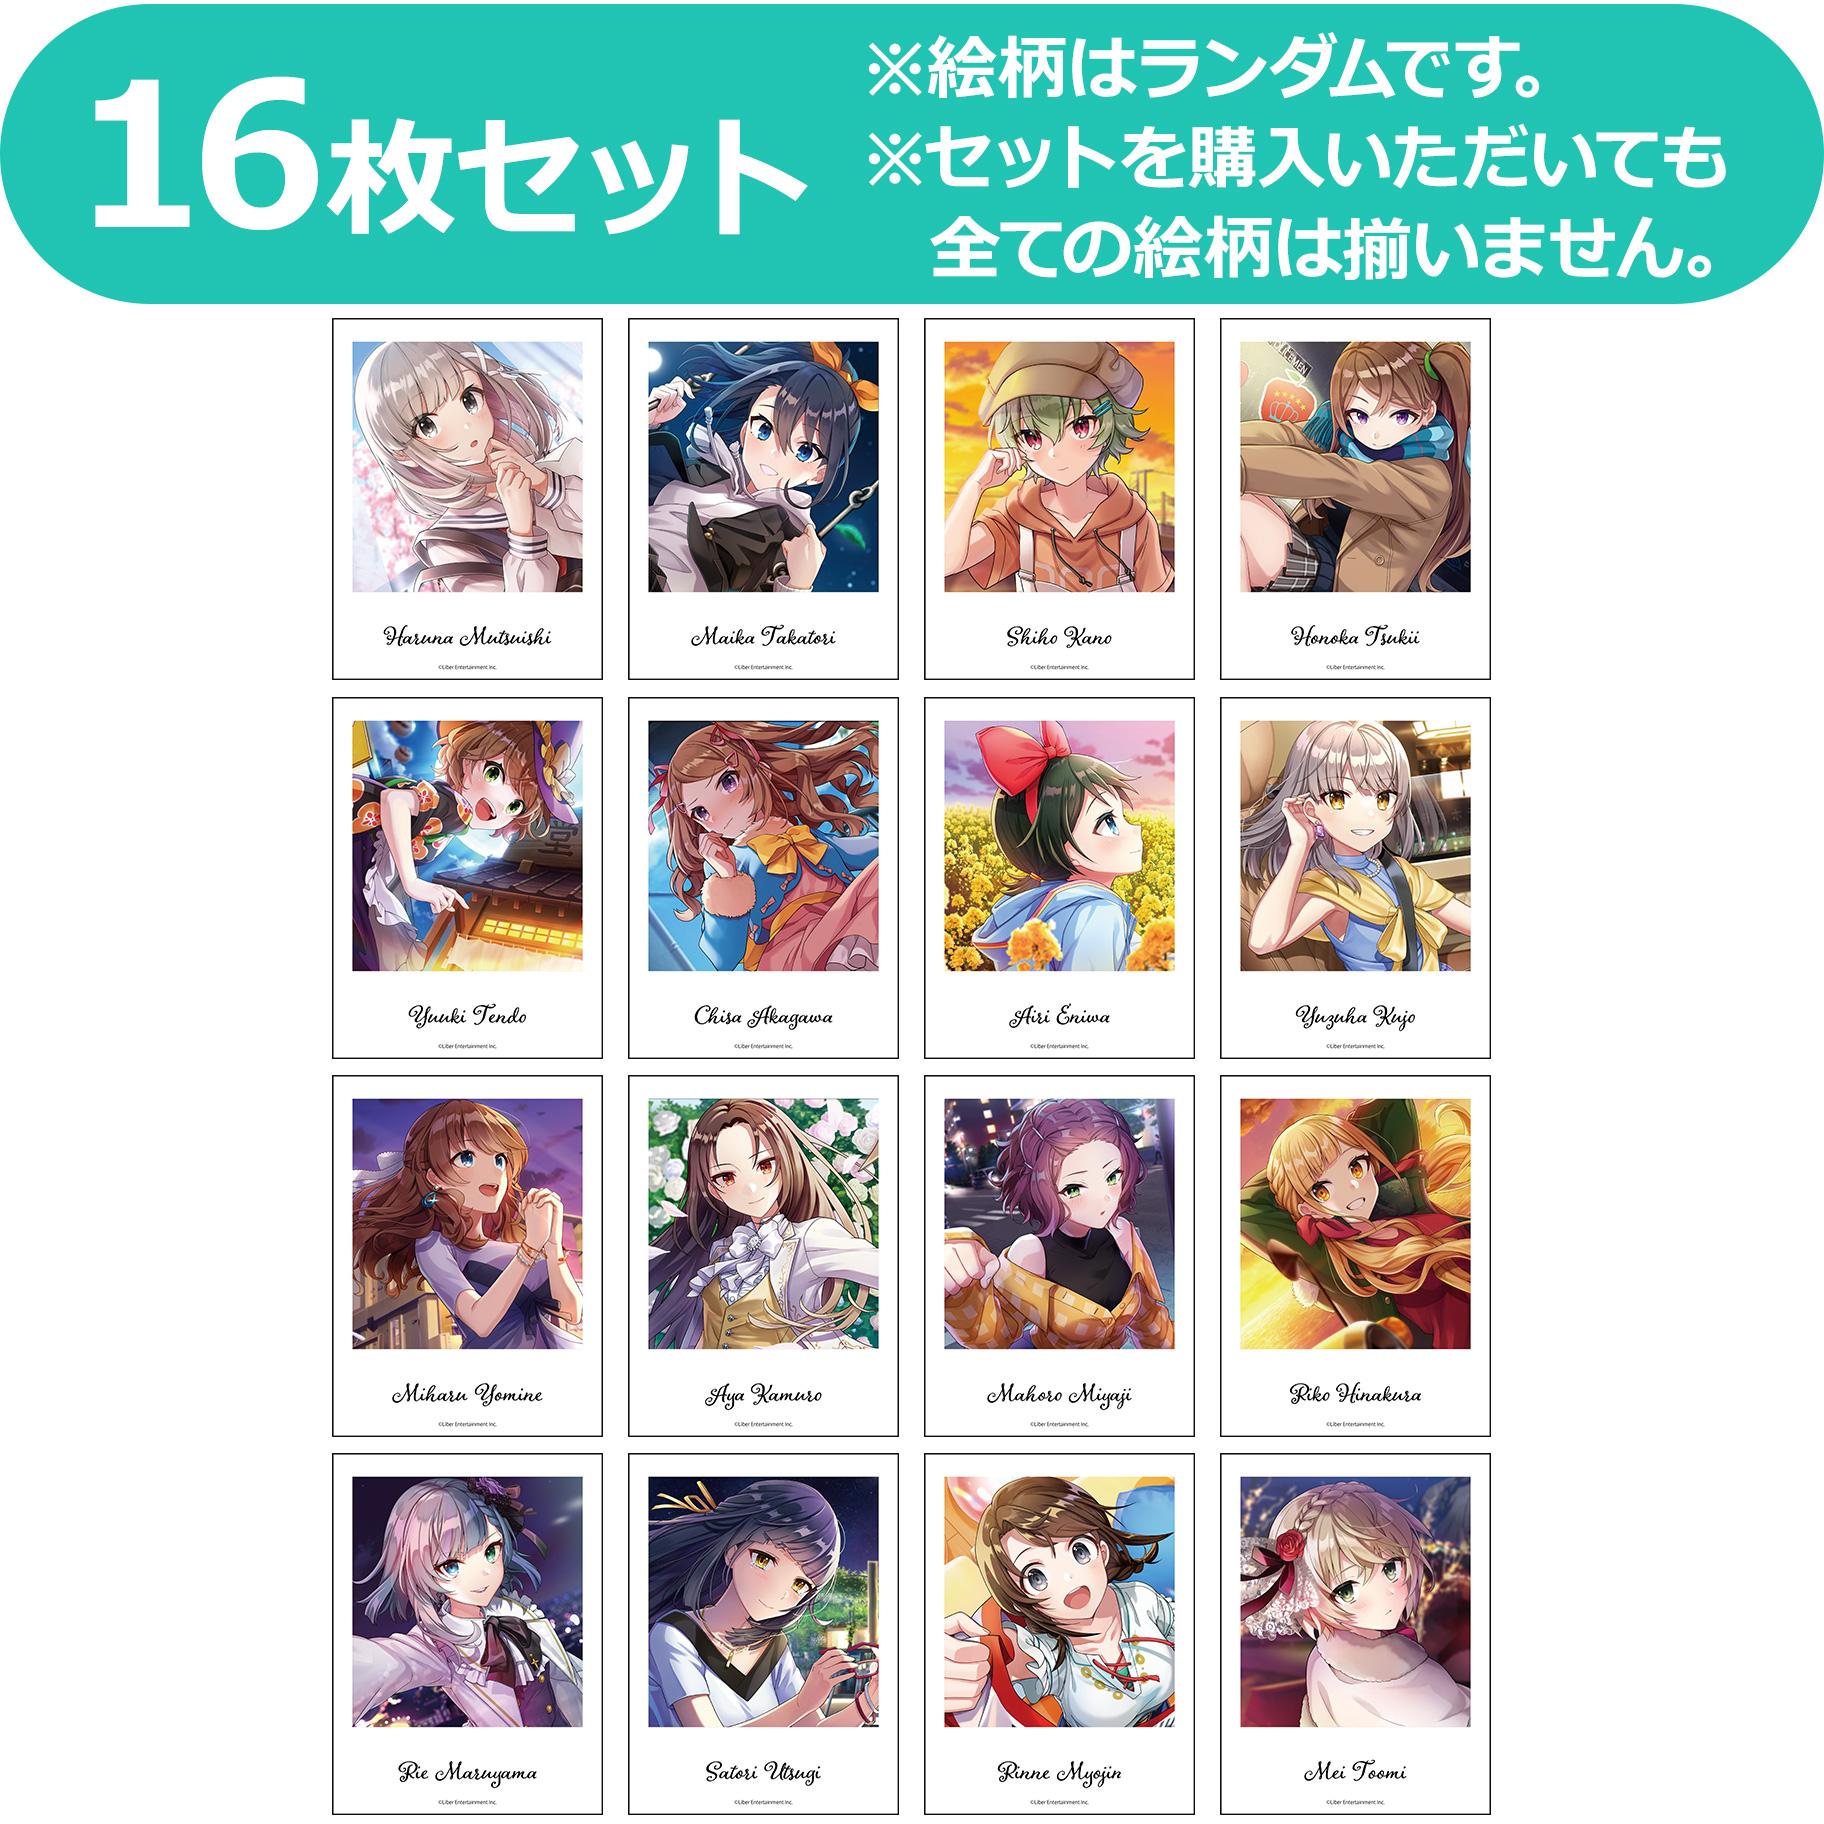 【セット販売】 CUE!×STELLAMAP CAFE トレーディングチェキ風ブロマイド 生誕祭 ランダム16枚セット